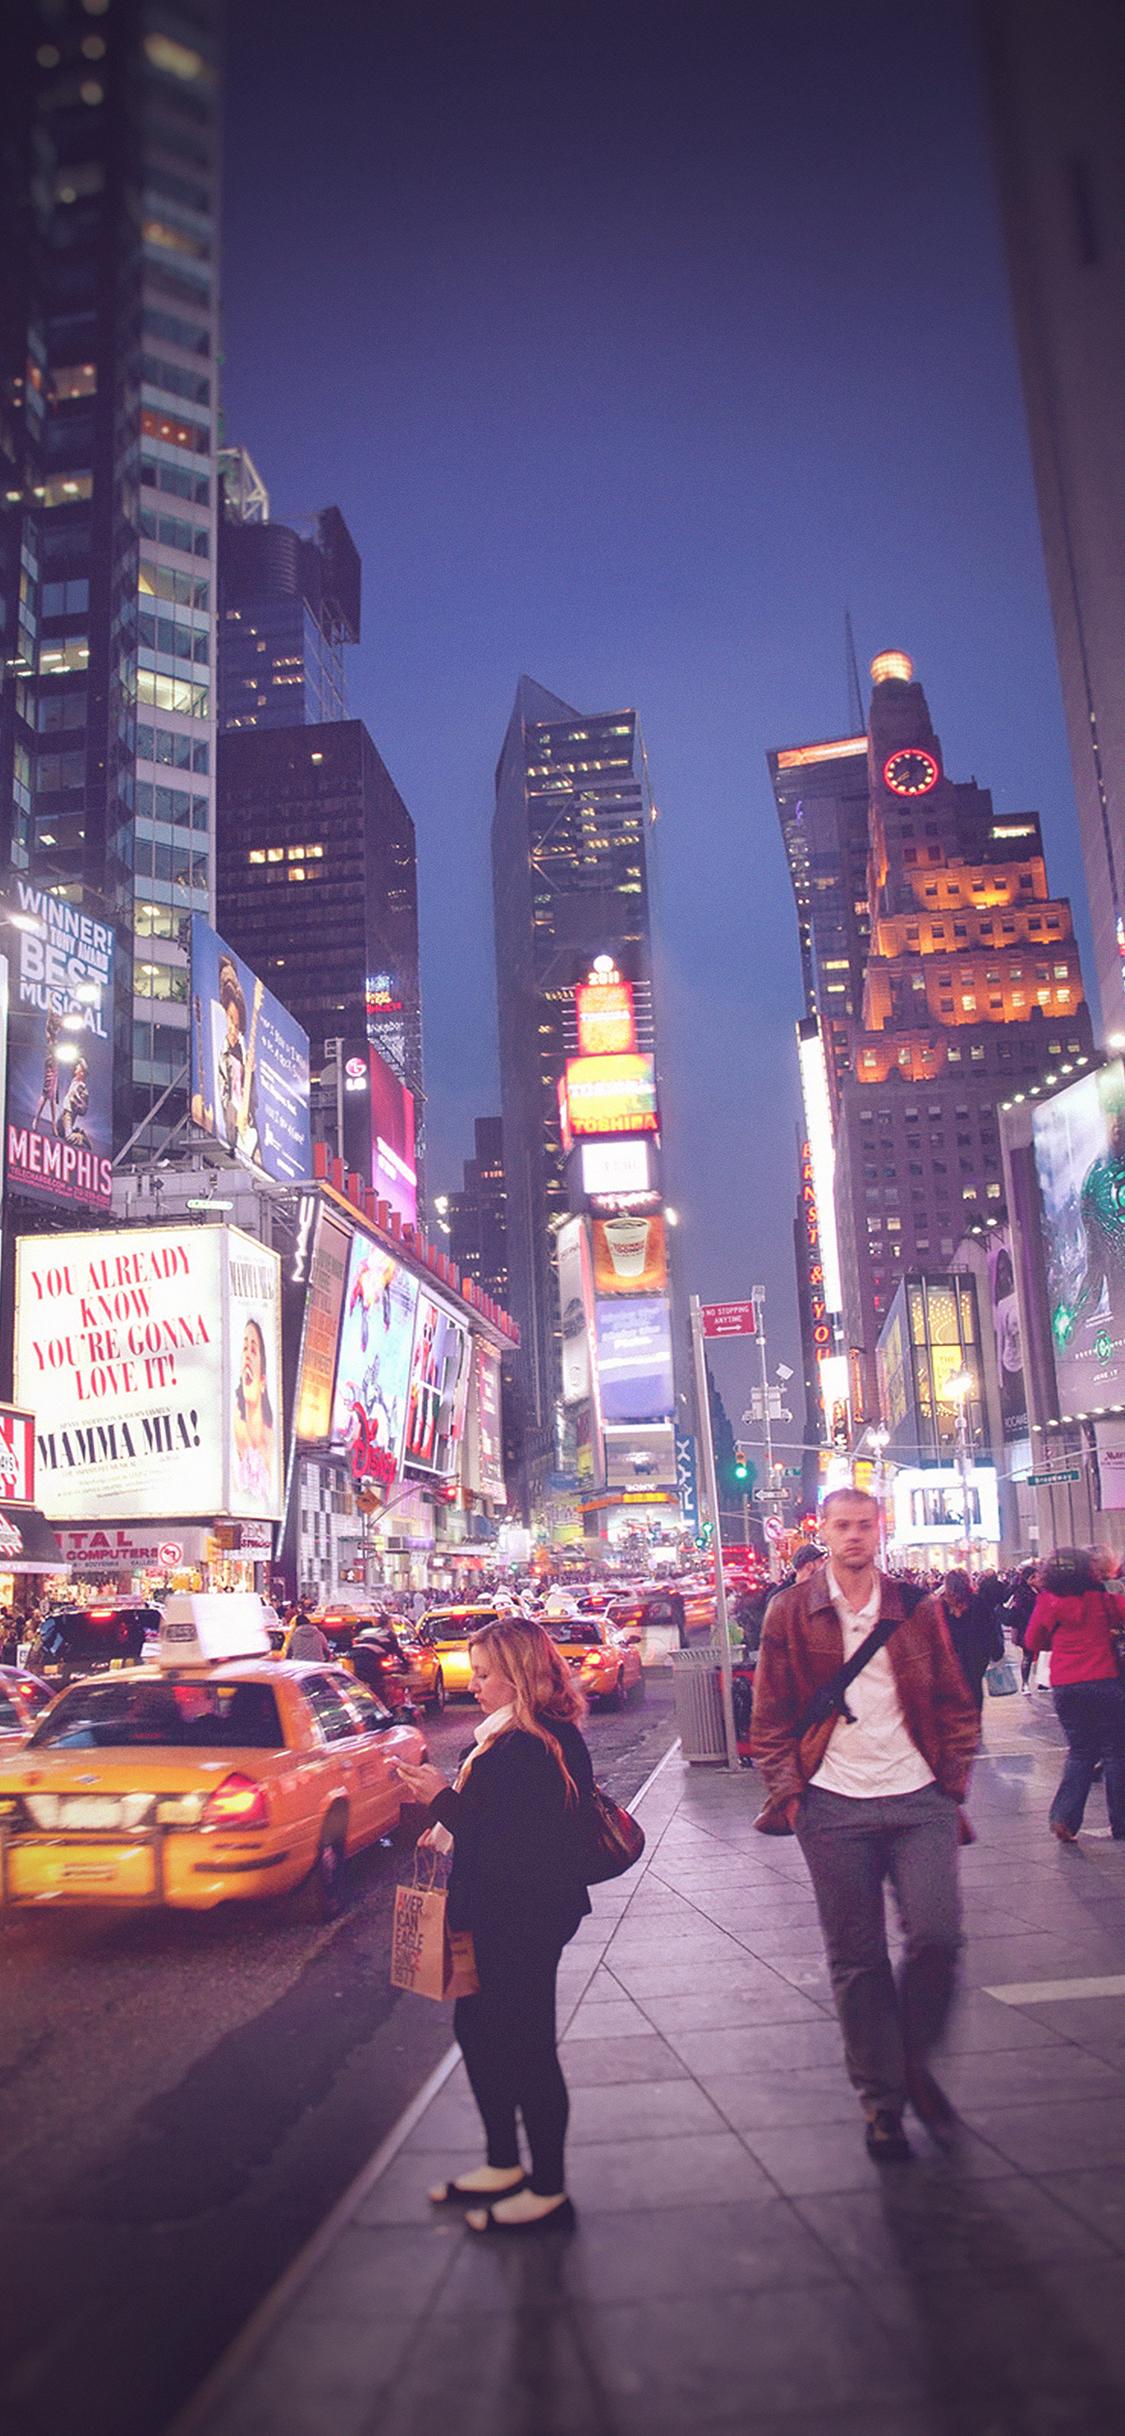 Mn65 New York Street Night City Vignette Wallpaper